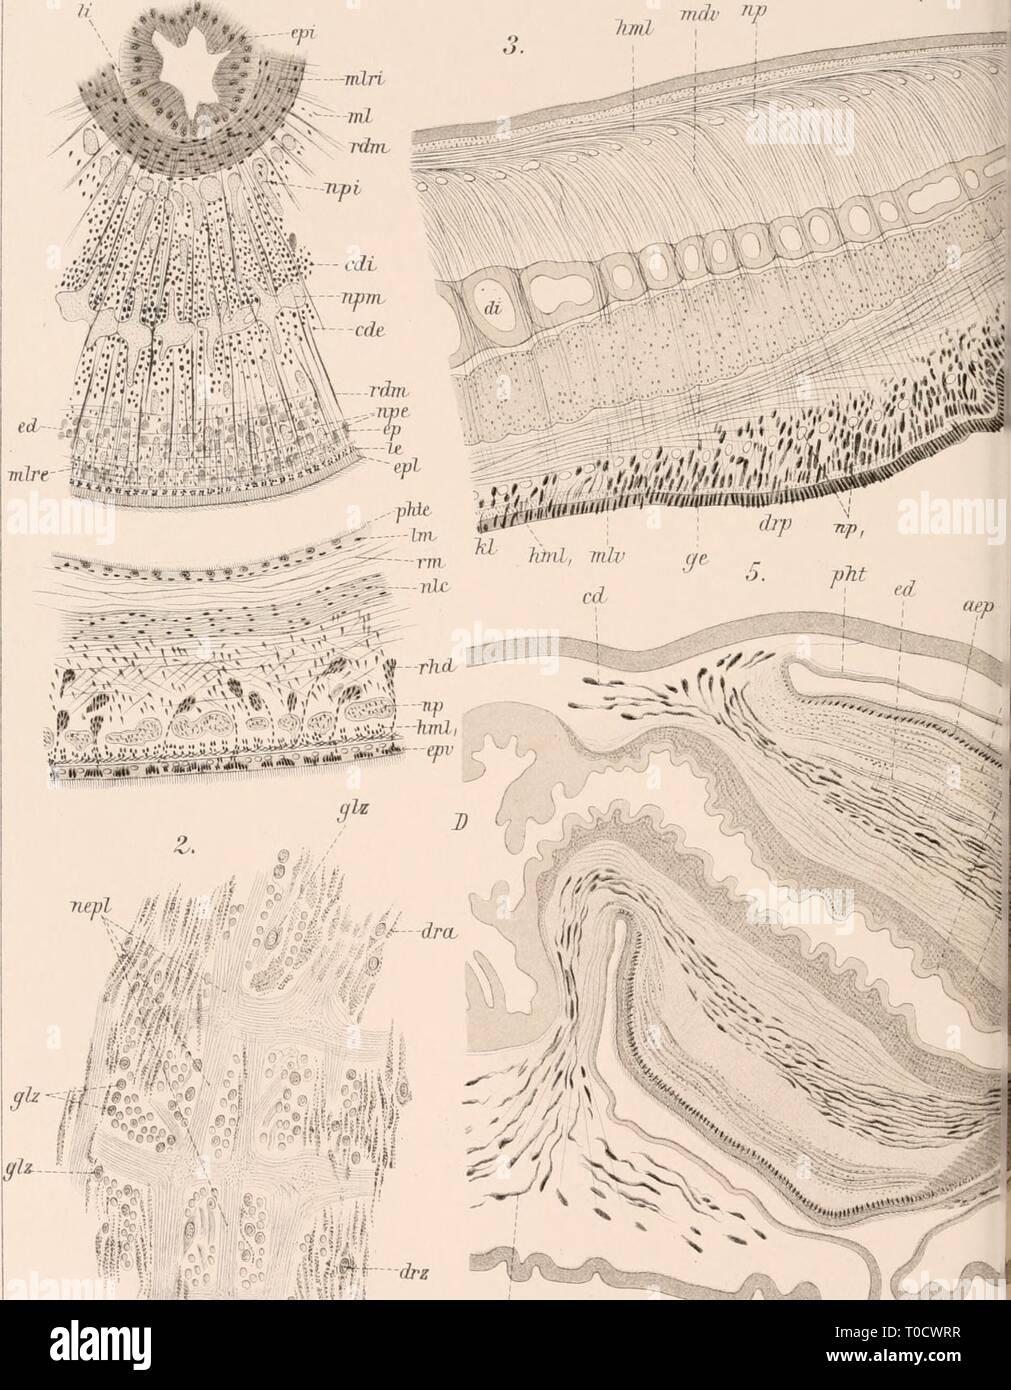 Dr HG Bronn's Klassen und Dr. H.G. Bronn's Klassen und Ordnungen des Thier-Reichs : wissenschaftlich dargestellt in Wort und Bild drhgbronnsklasse040102bron Year: 1912  Bronns Klassen IV , Turbellaria . 7. TTU^l' Ttf    dre /^â ^ li'-S?J cäy III C.F Winter'sehe r lithAns: I - Stock Image